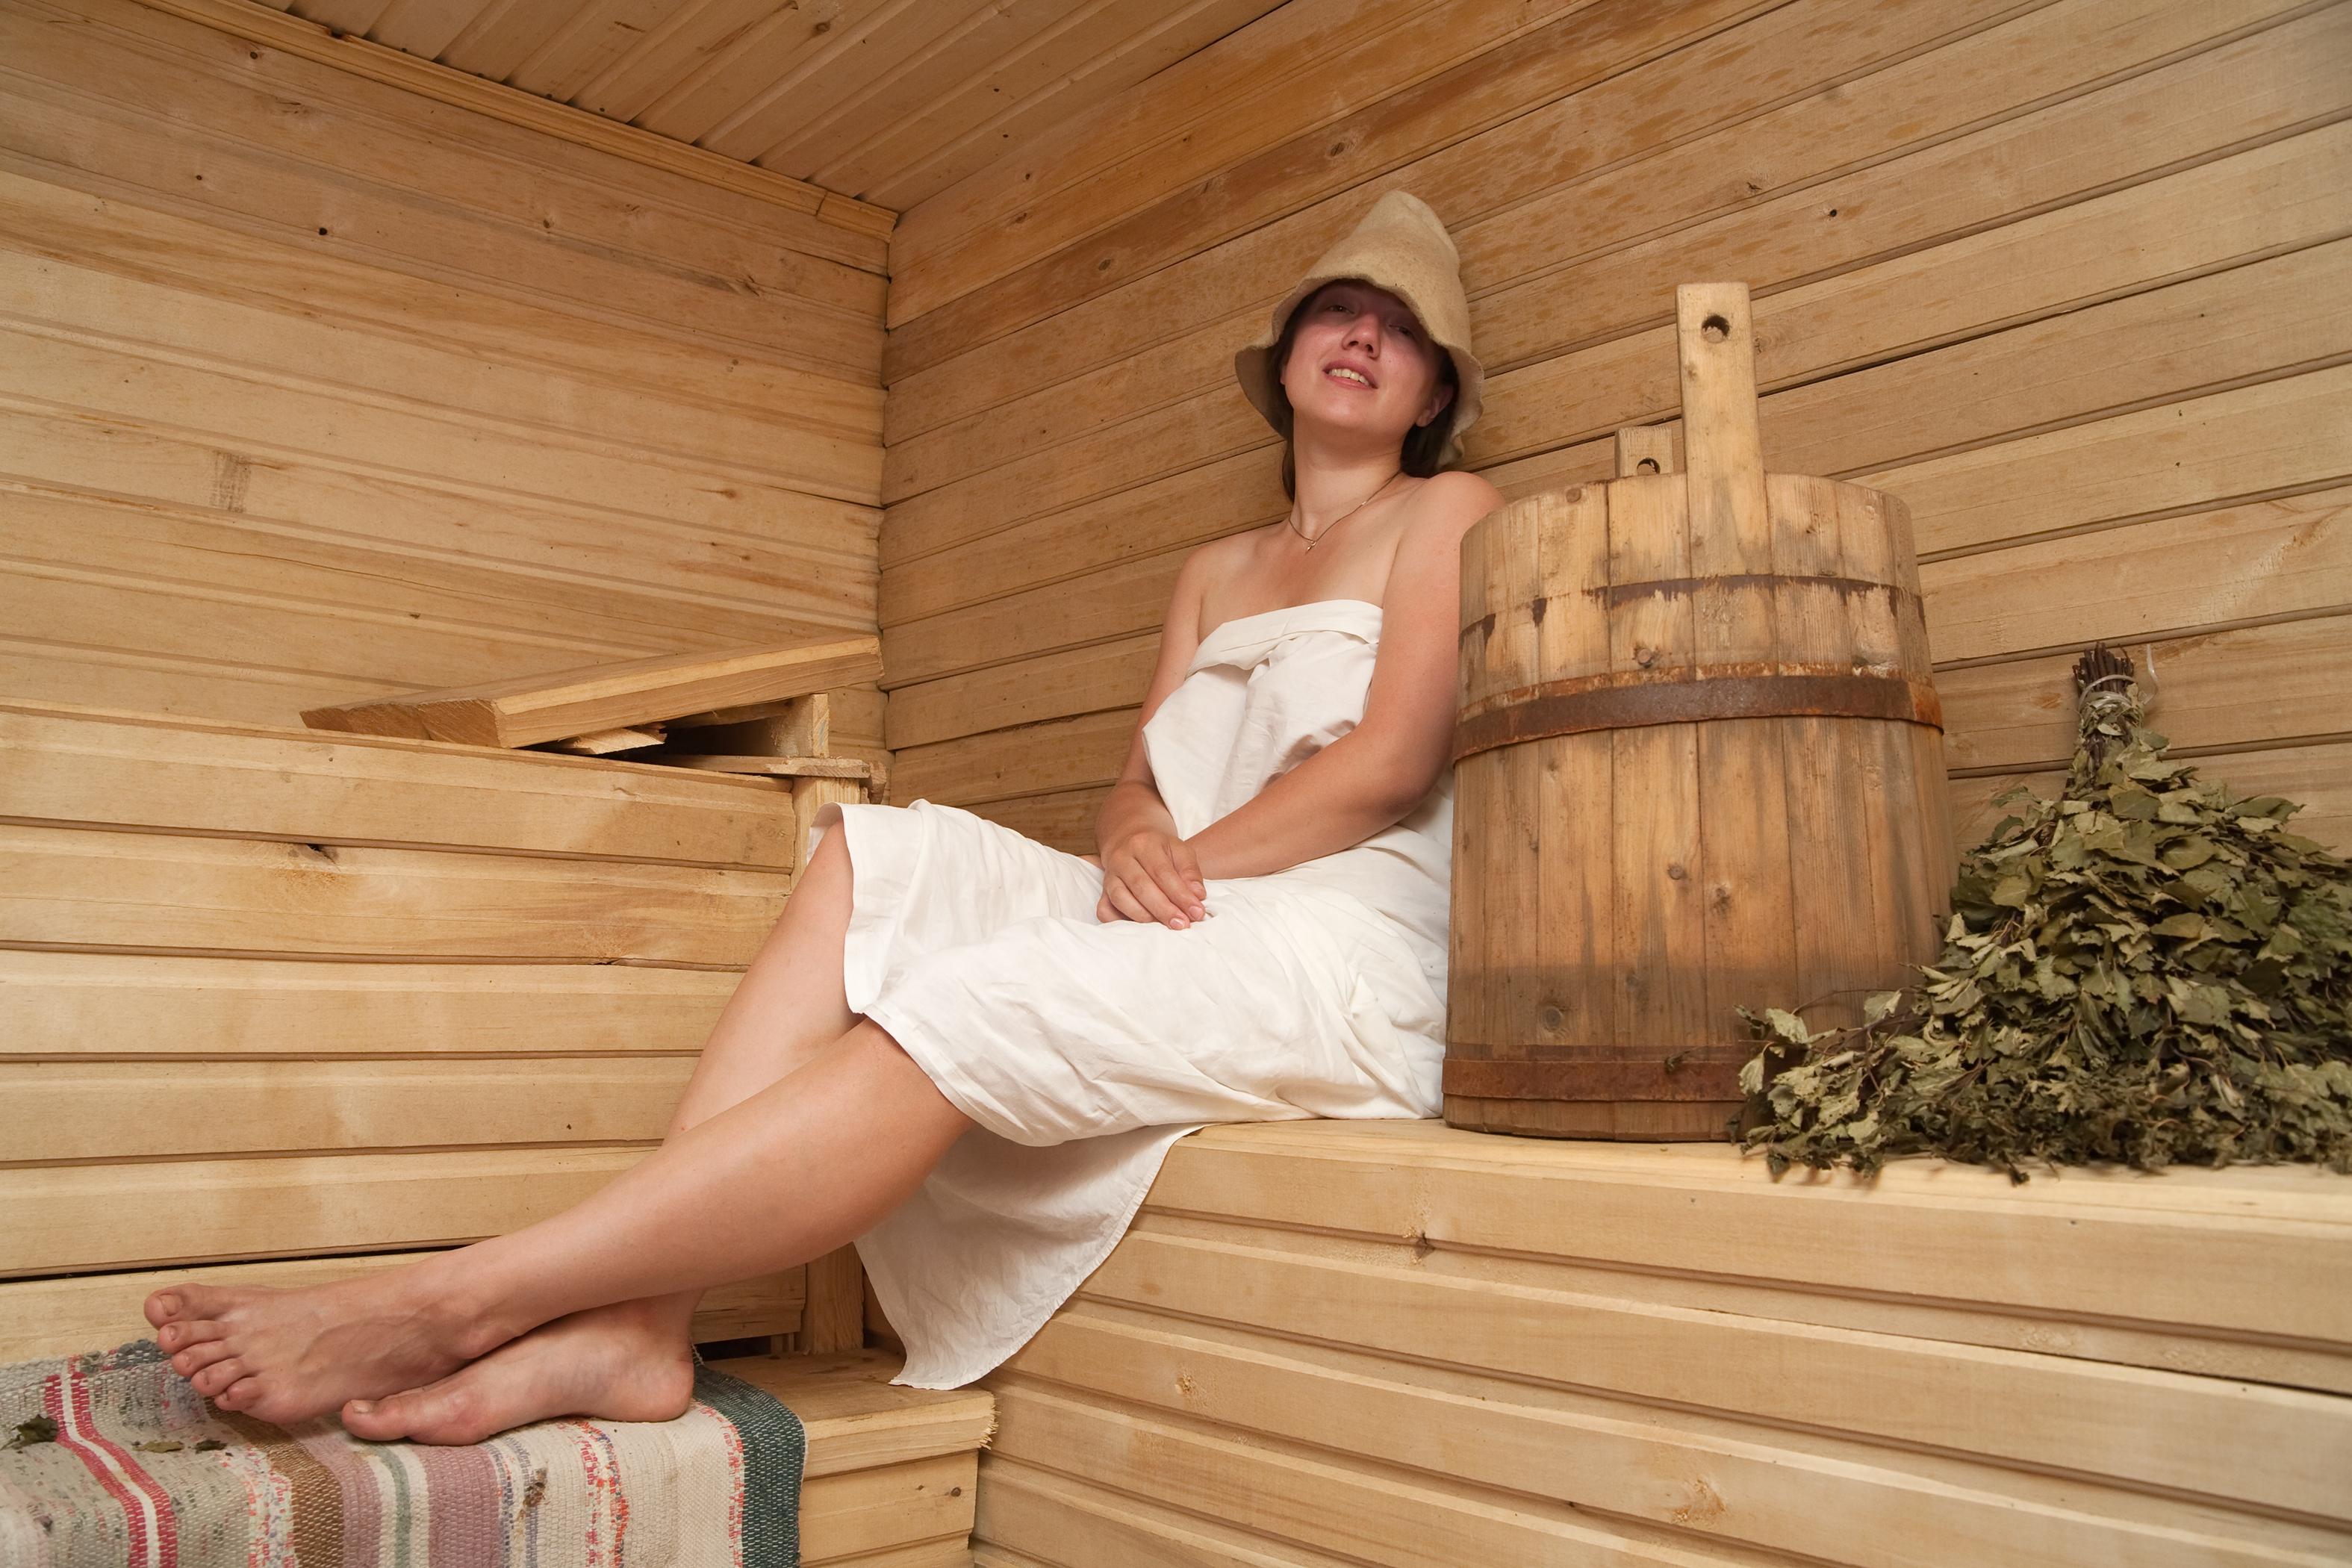 Русские девочки в сауне порно 26 фотография